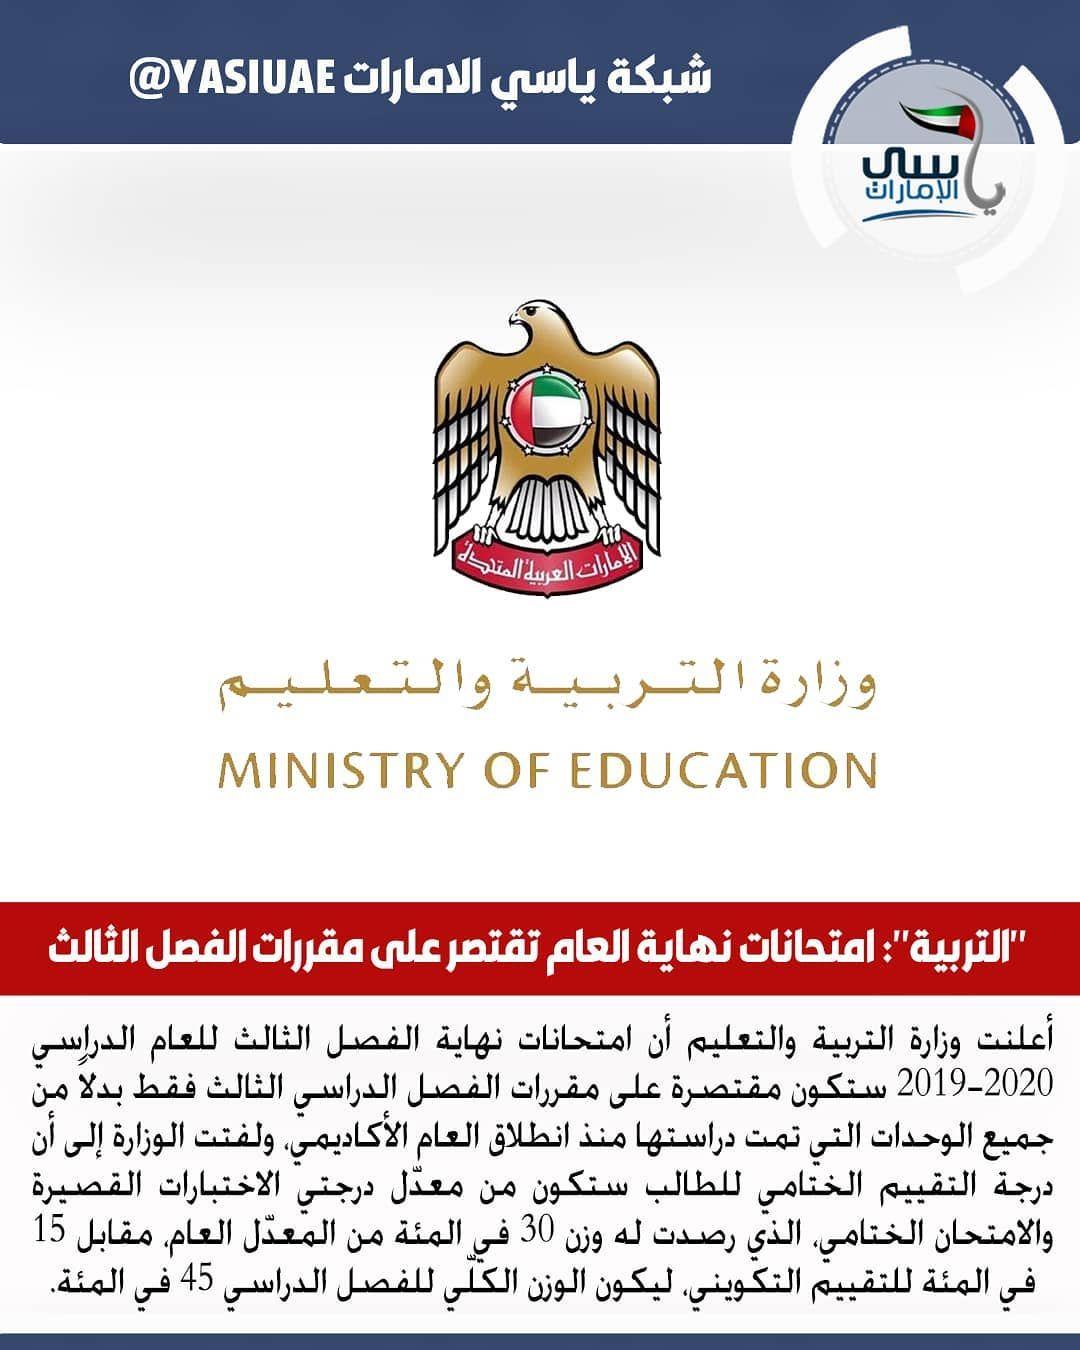 التربية امتحانات نهاية العام تقتصر على مقررات الفصل الثالث Www Yasiuae Net Ministry Of Education Education Enamel Pins